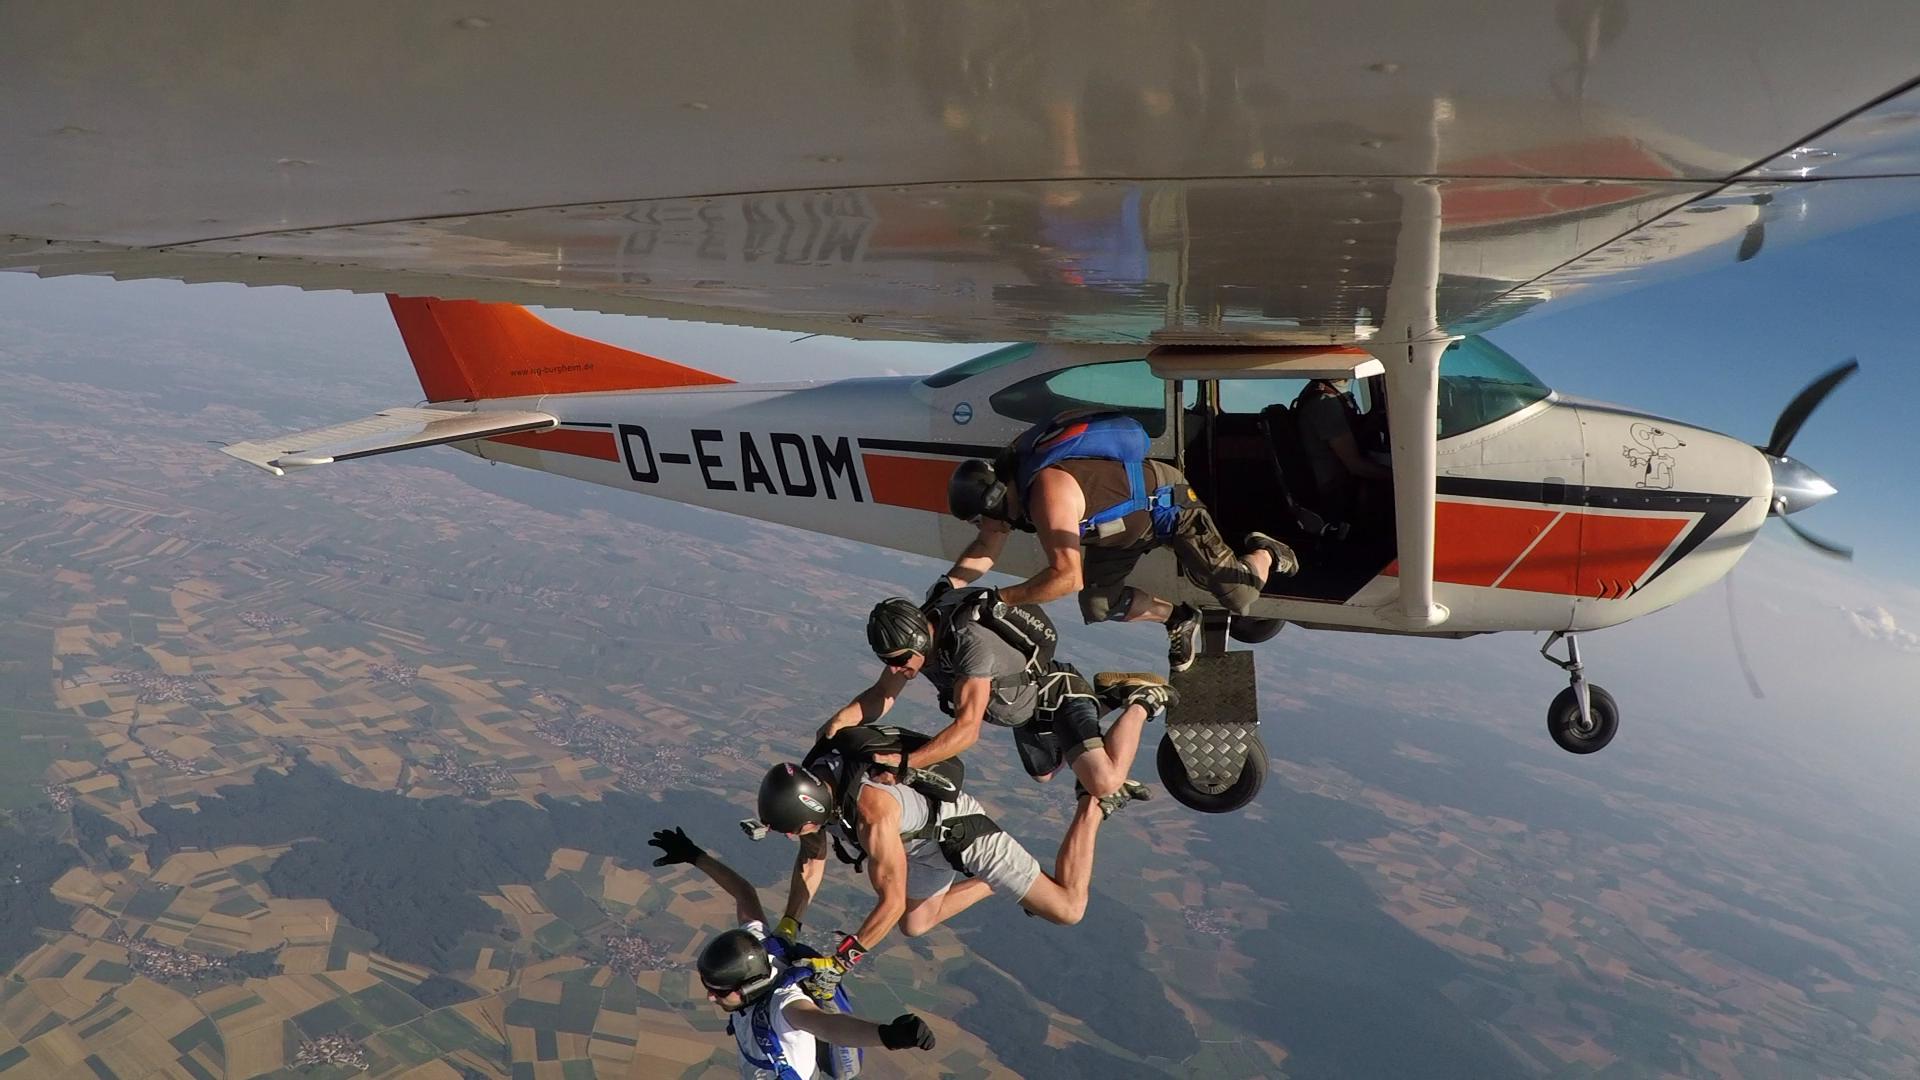 Absetzflugzeug und Fallschirmspringer